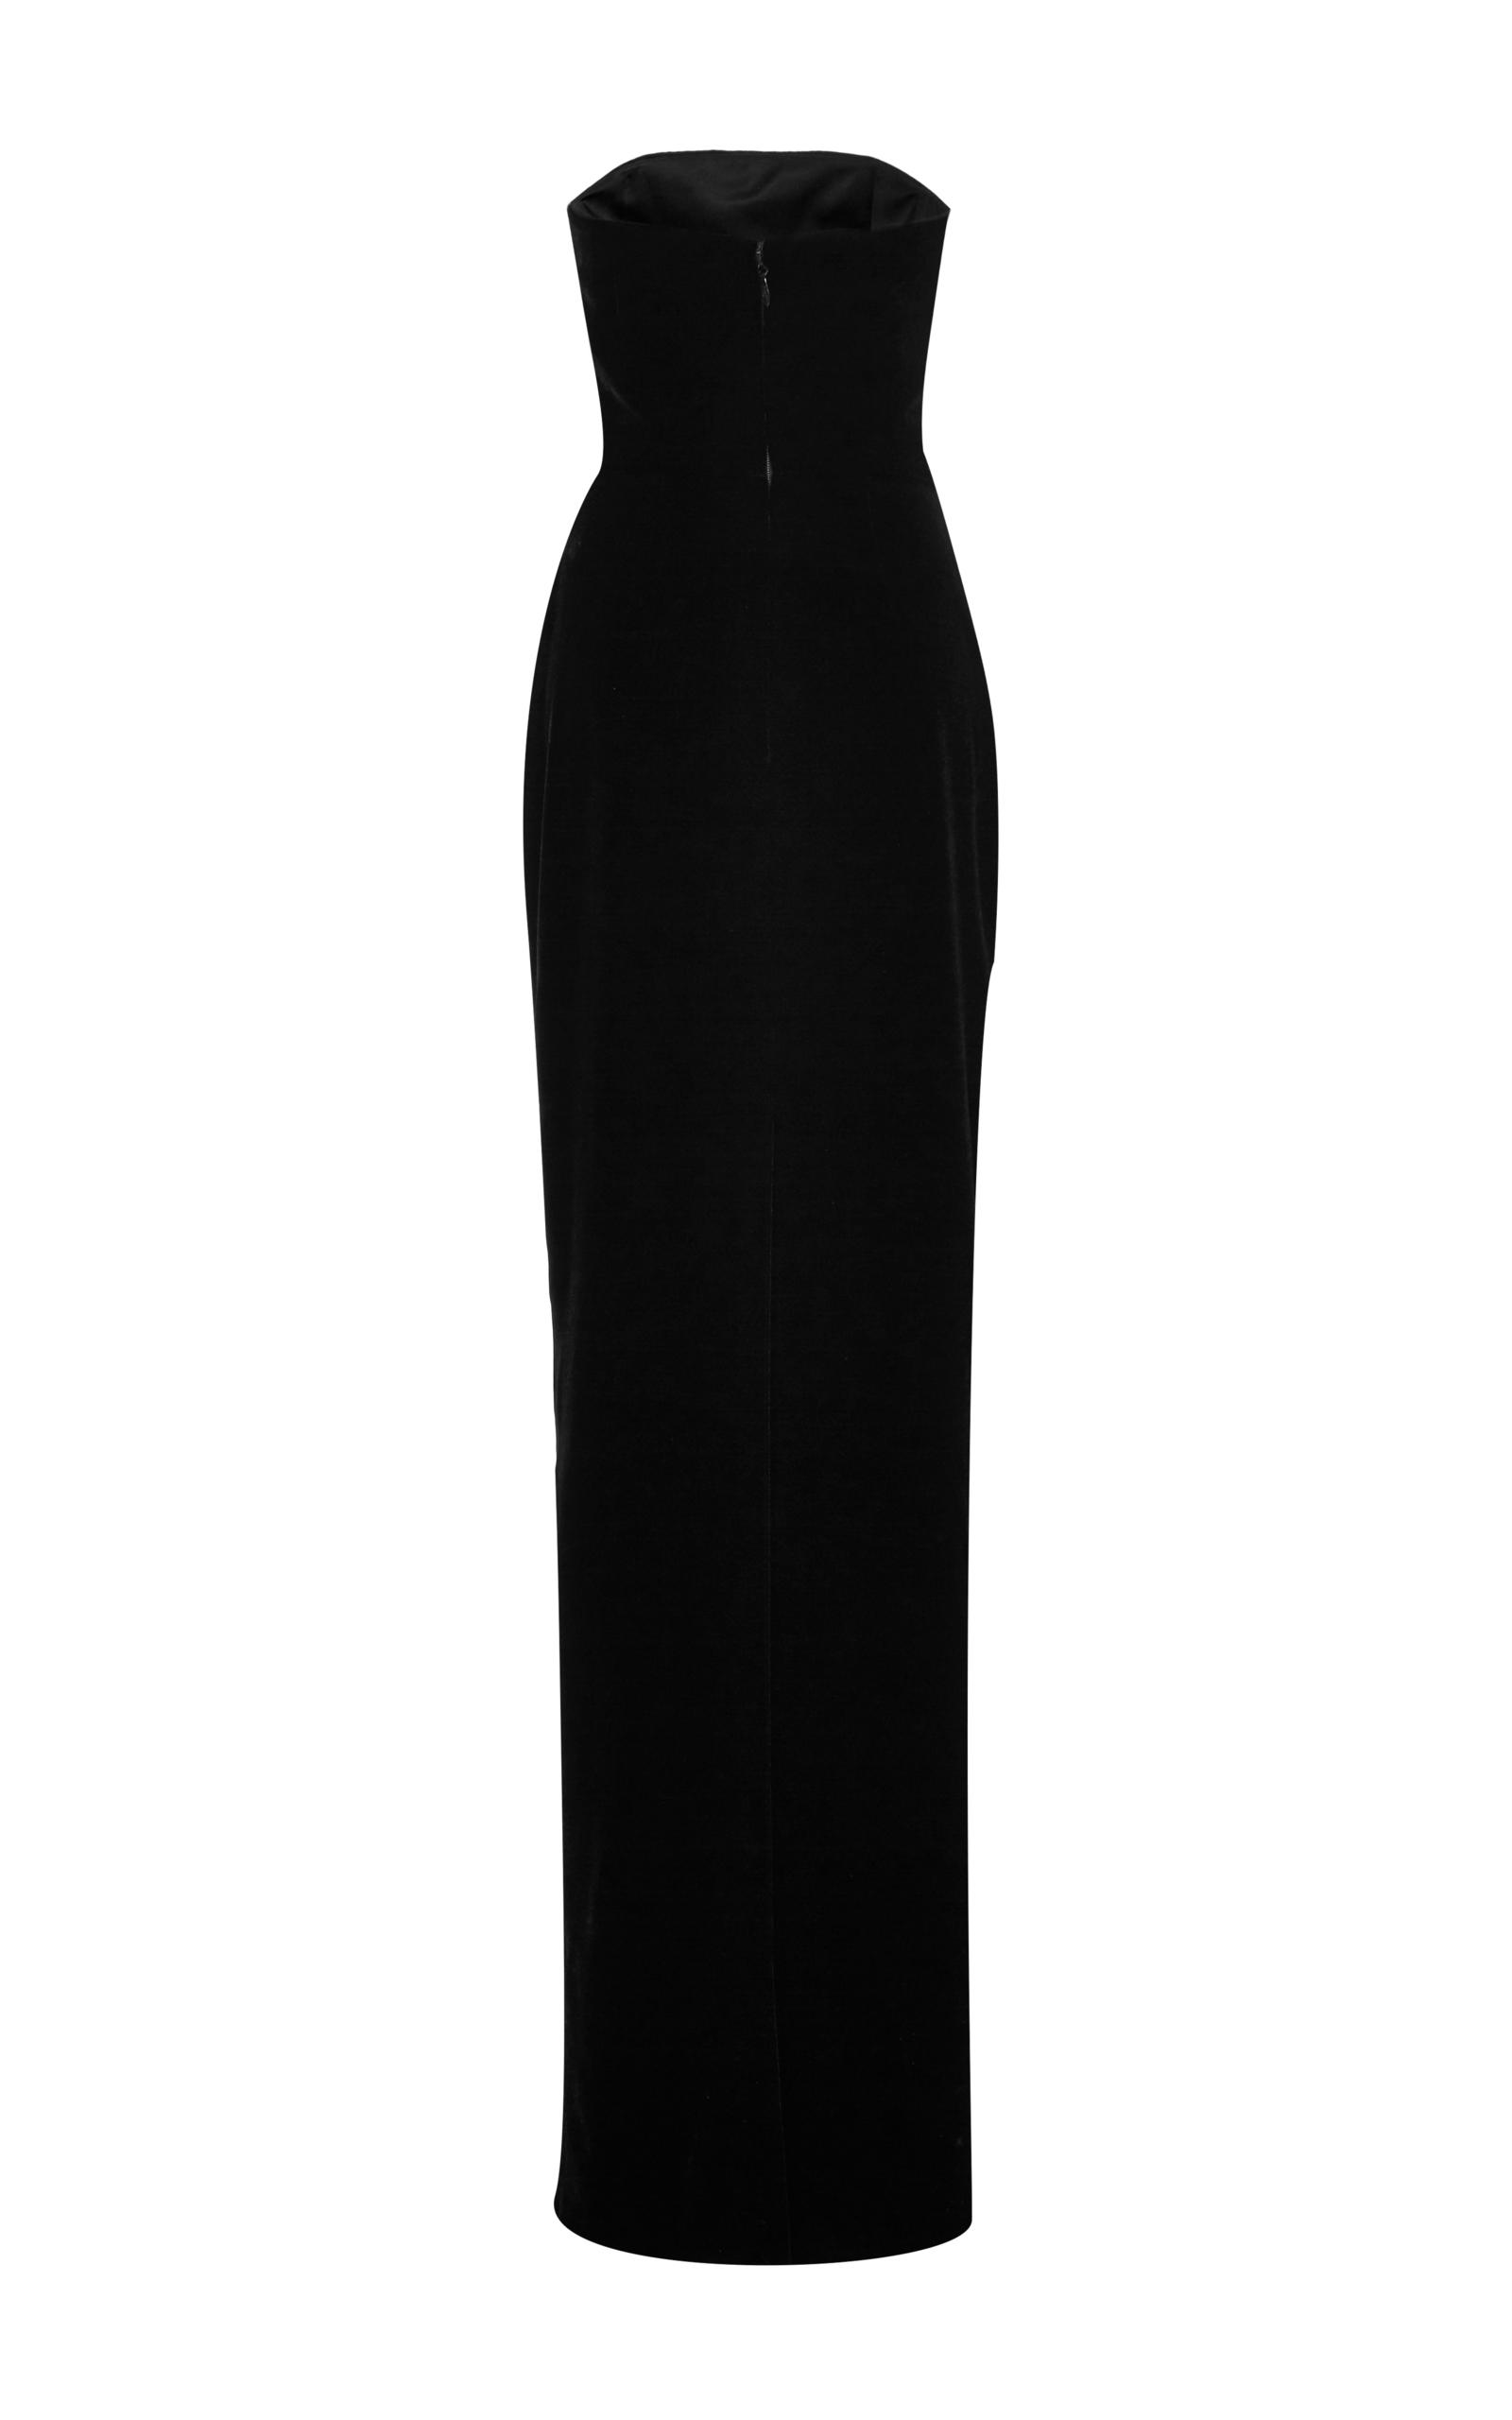 8321be3fefe4 Monique LhuillierStrapless Velvet Column Gown. CLOSE. Loading. Loading